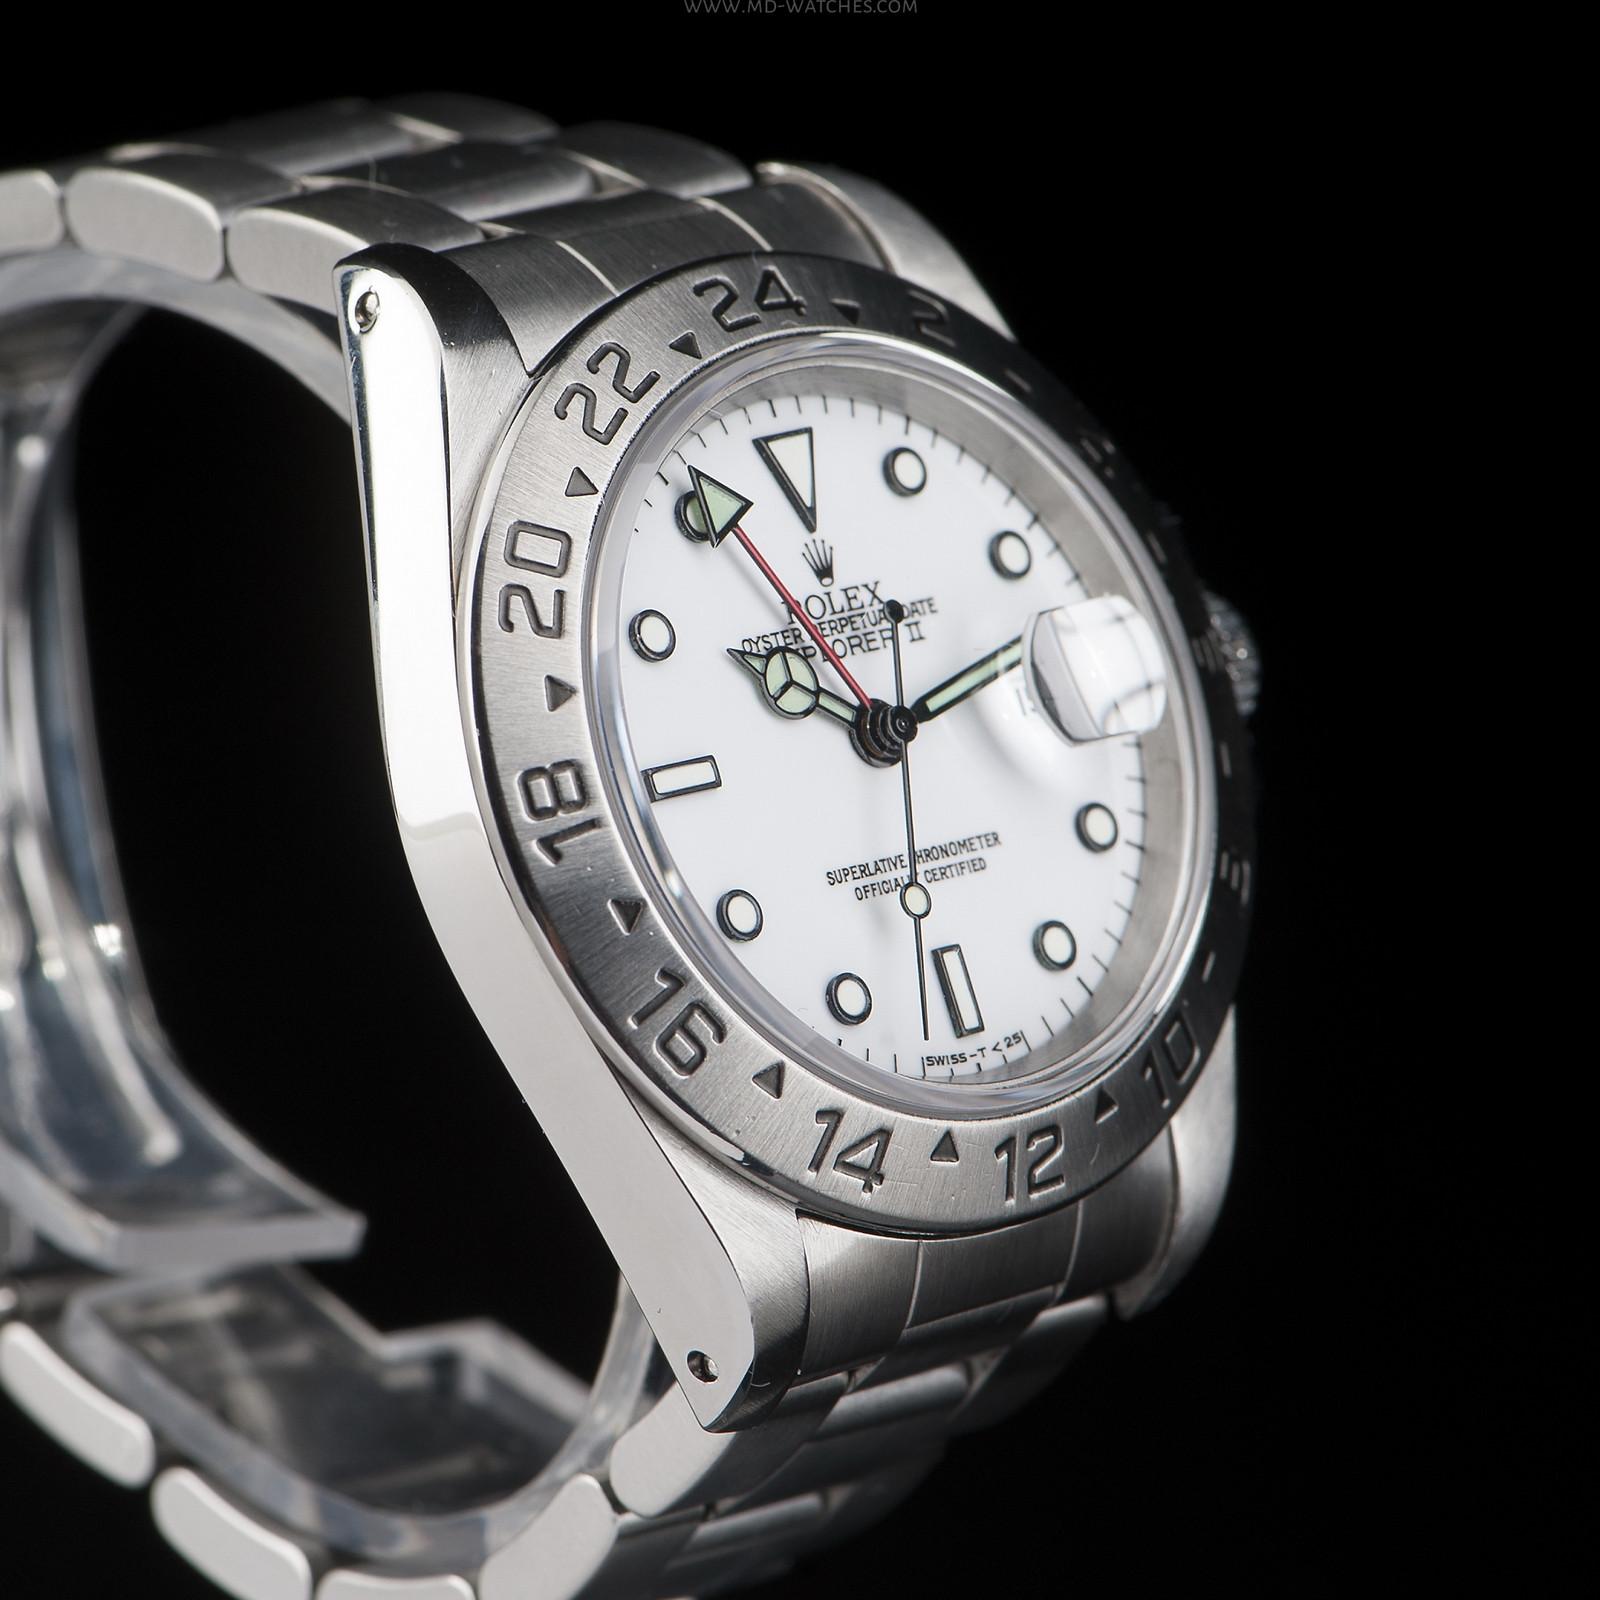 rolex explorer ii ref 16570 40mm md watches